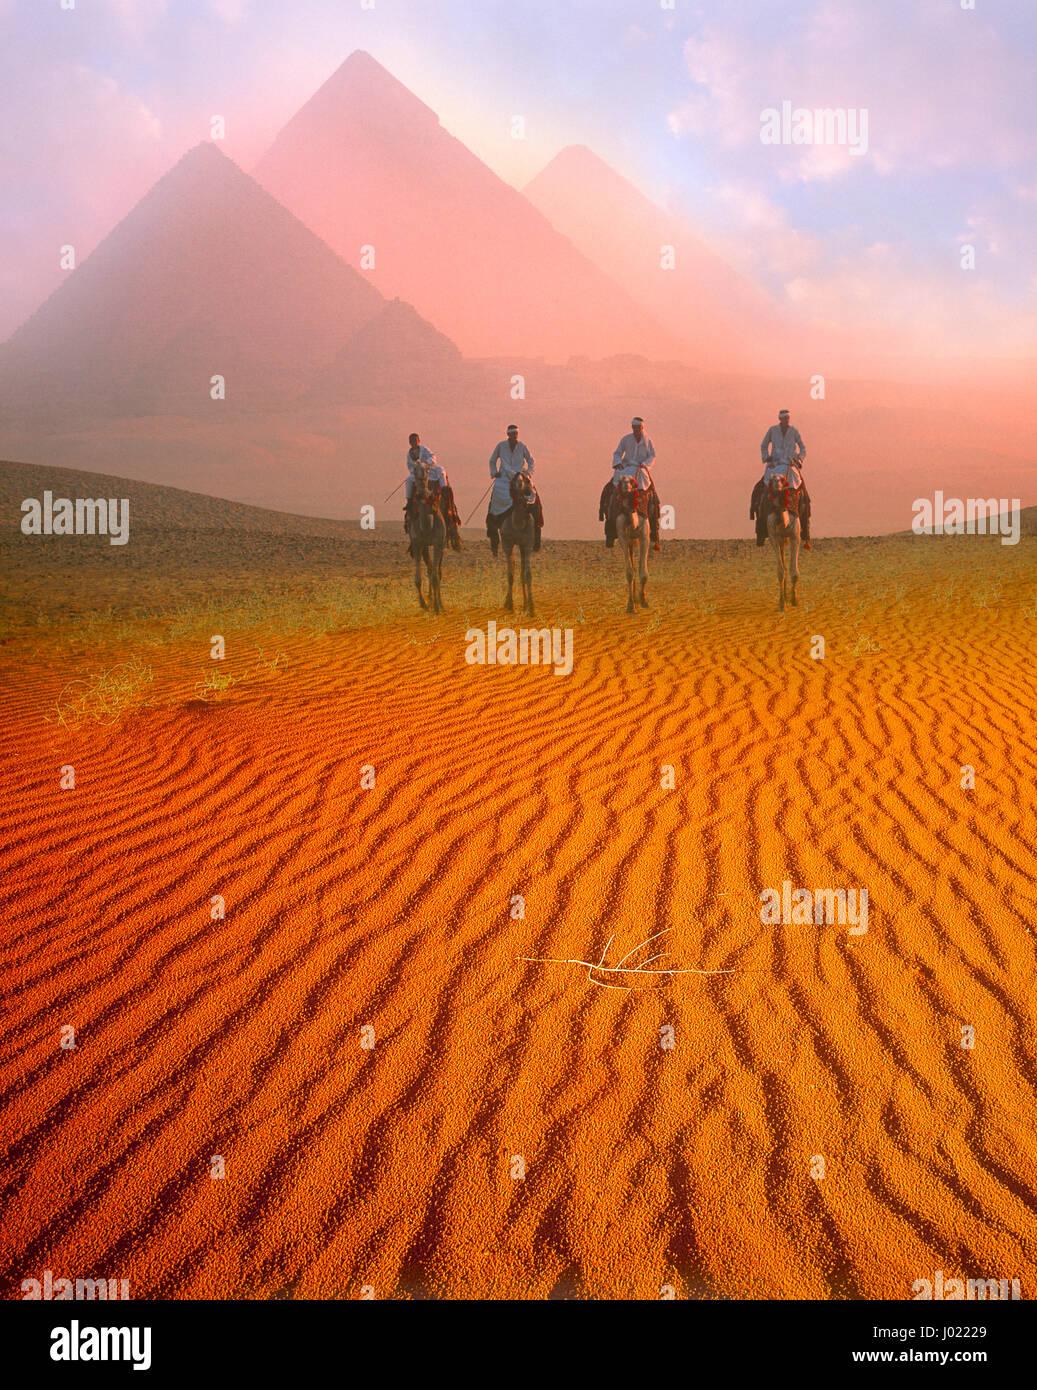 Piramidi e camelriders all'alba, Giza, il Cairo, Egitto Immagini Stock